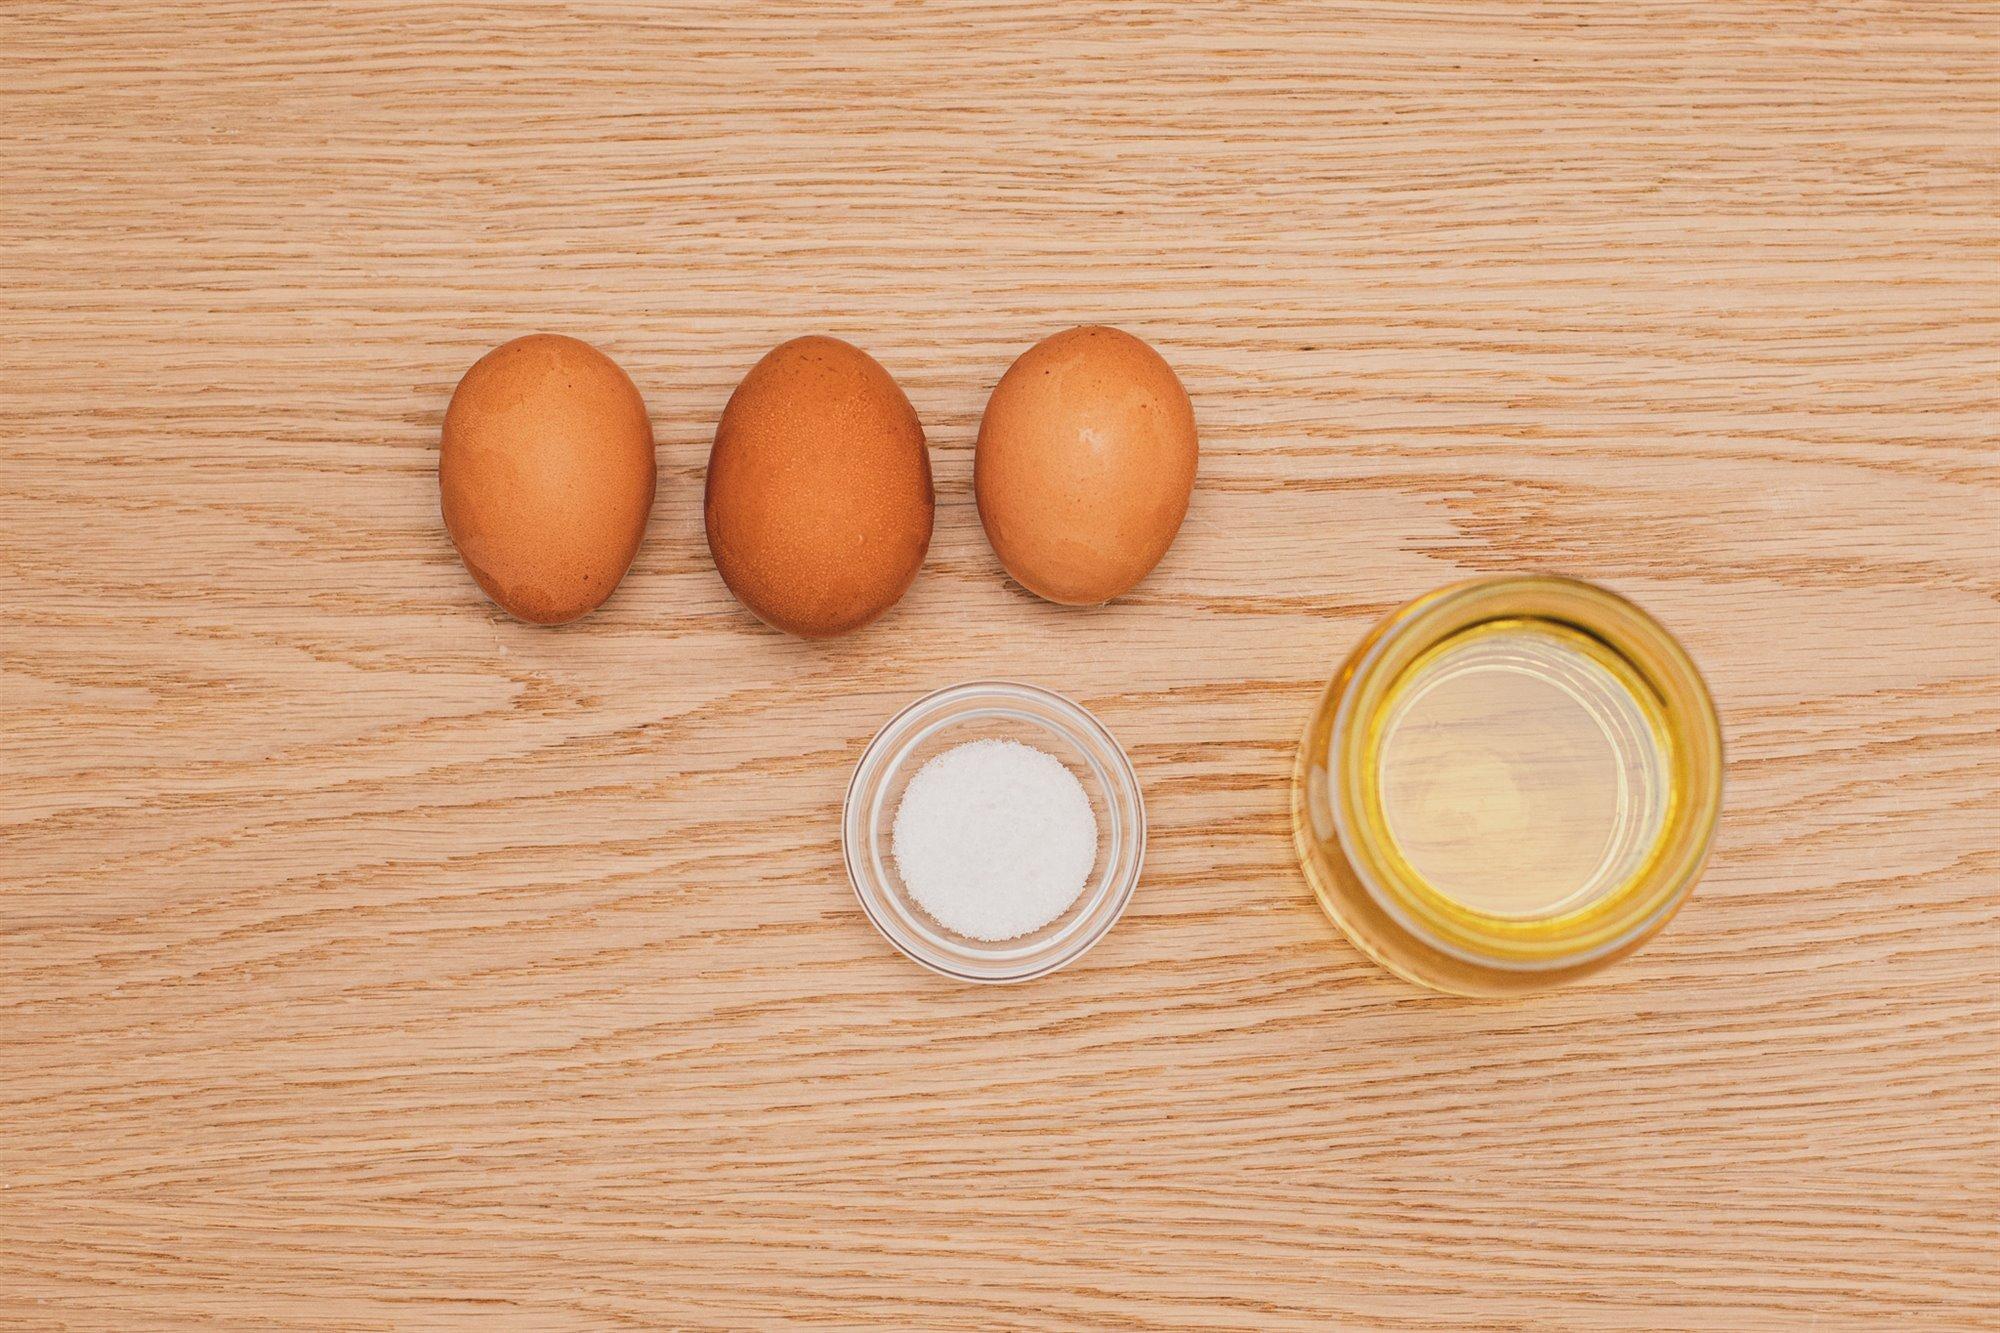 2. Prepara la mayonesa